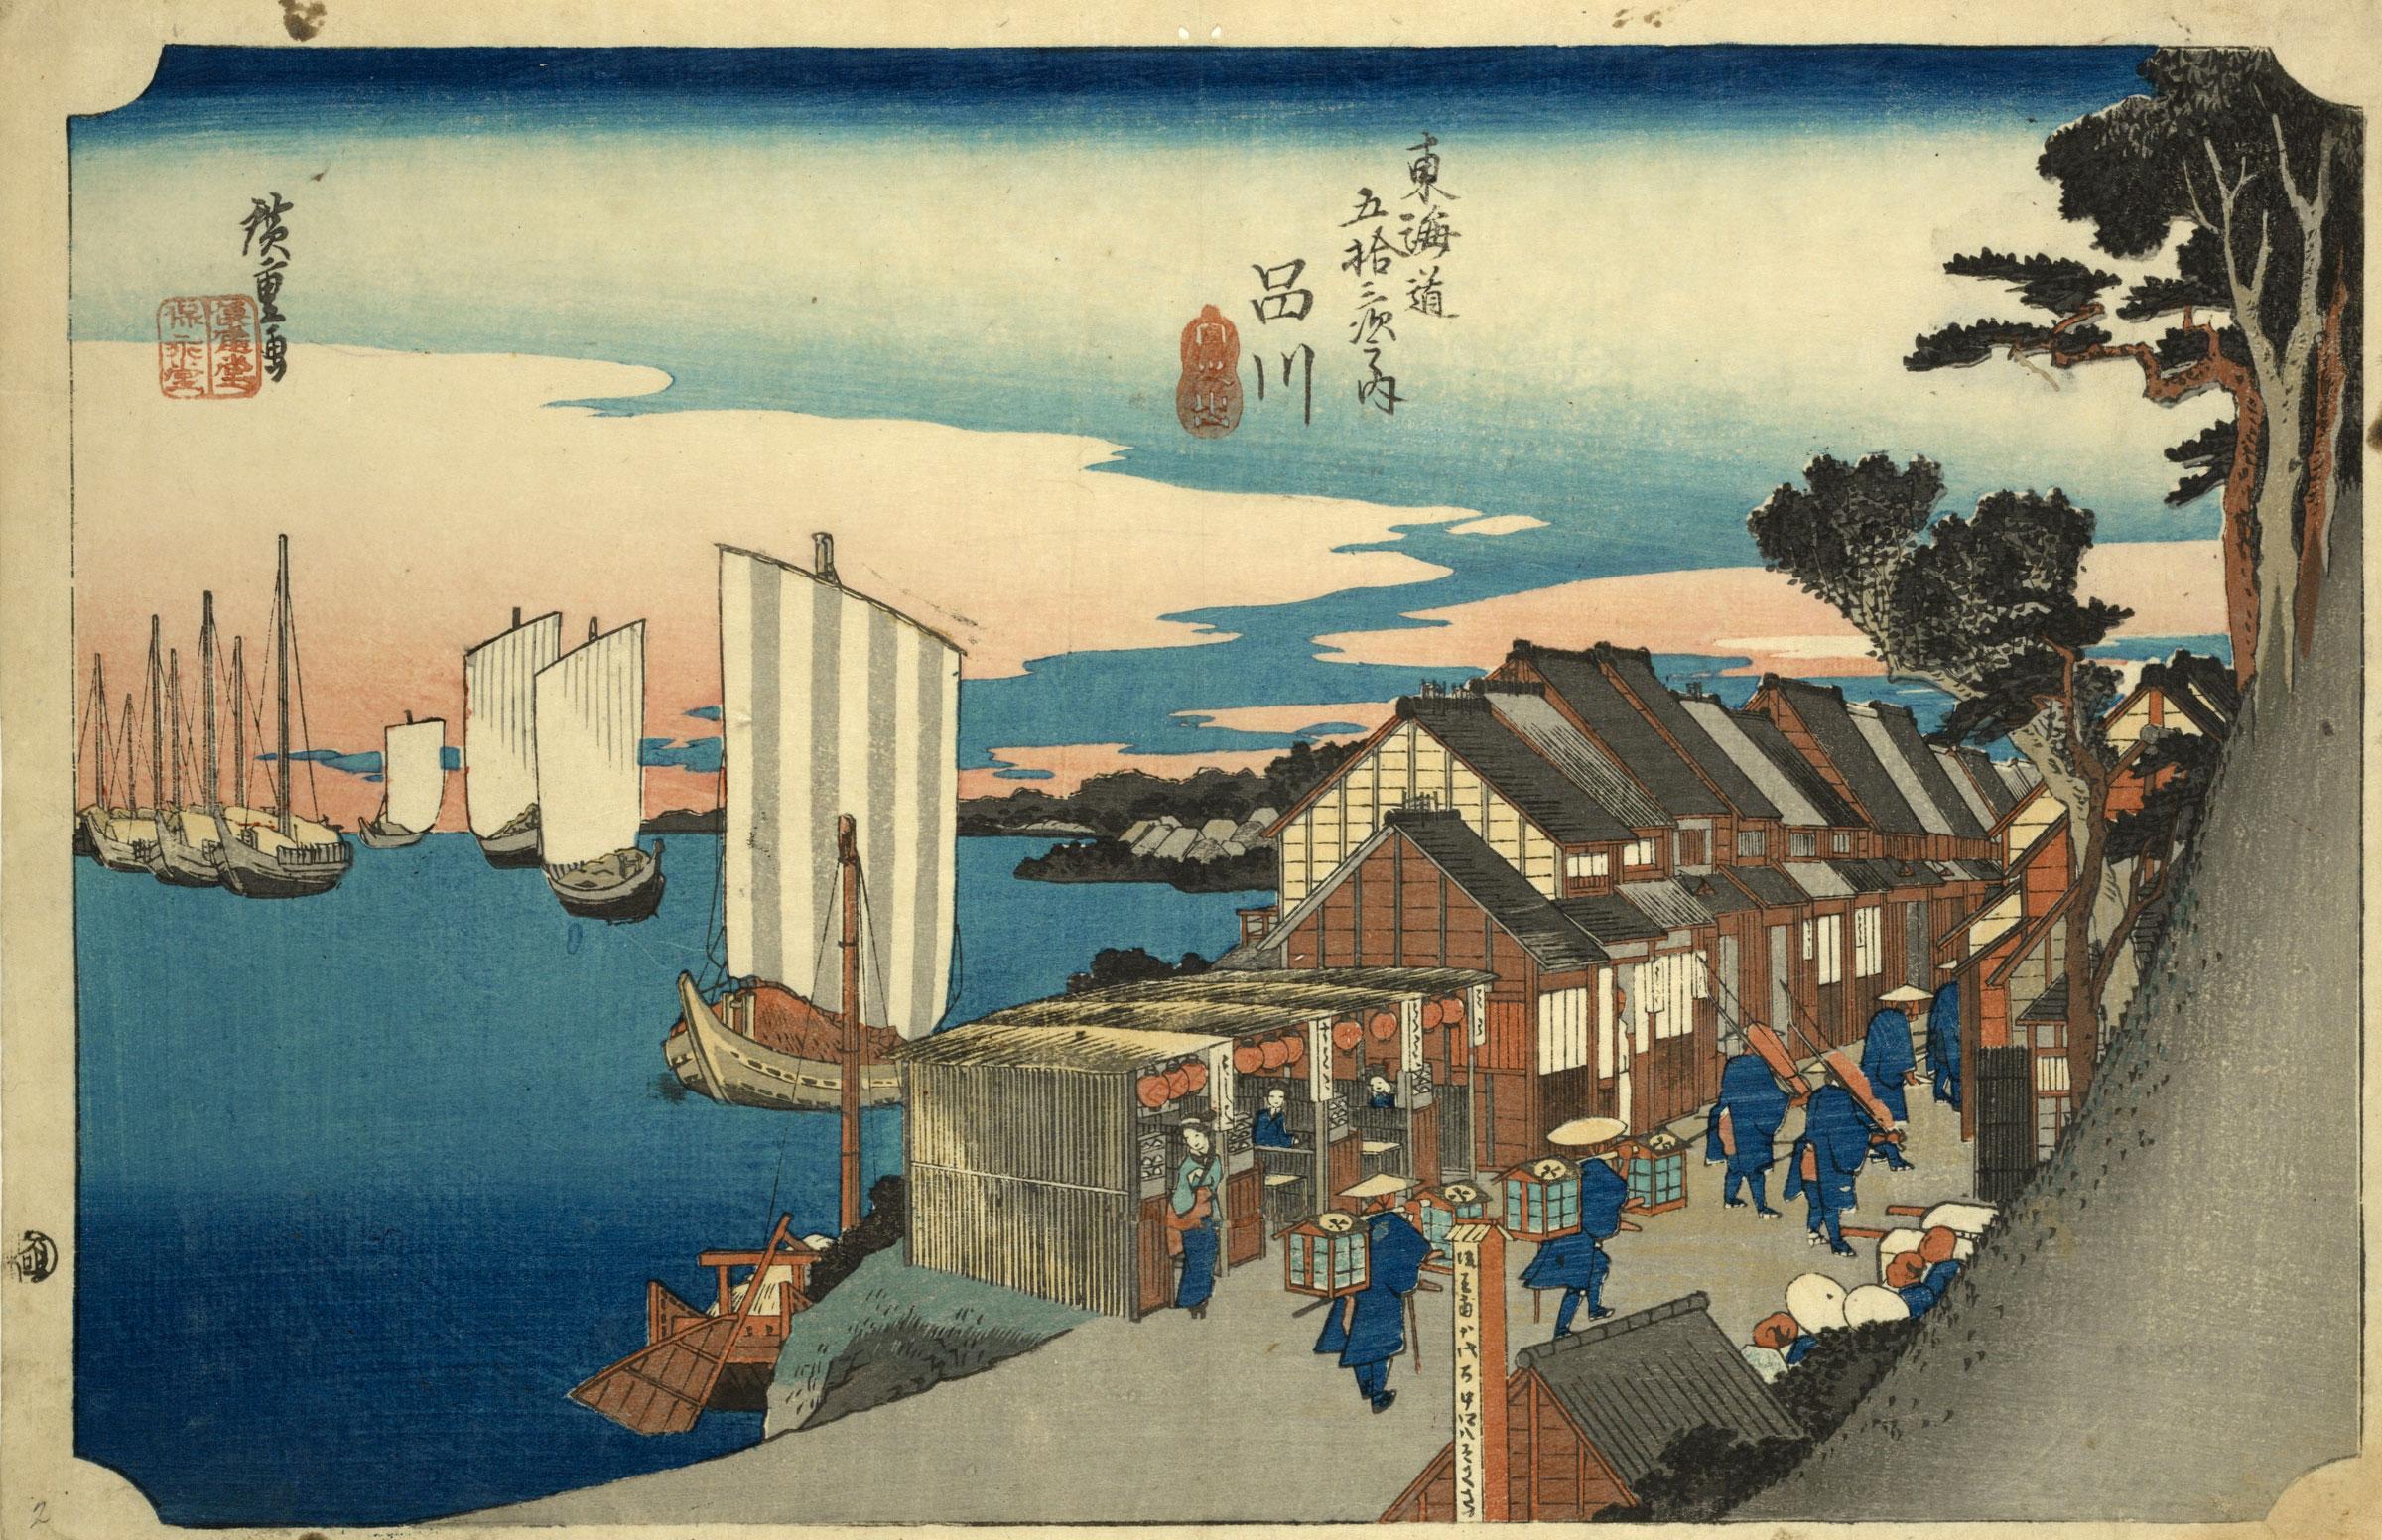 Shinagawa Hinode on the Tokaido by Utagawa Hiroshige